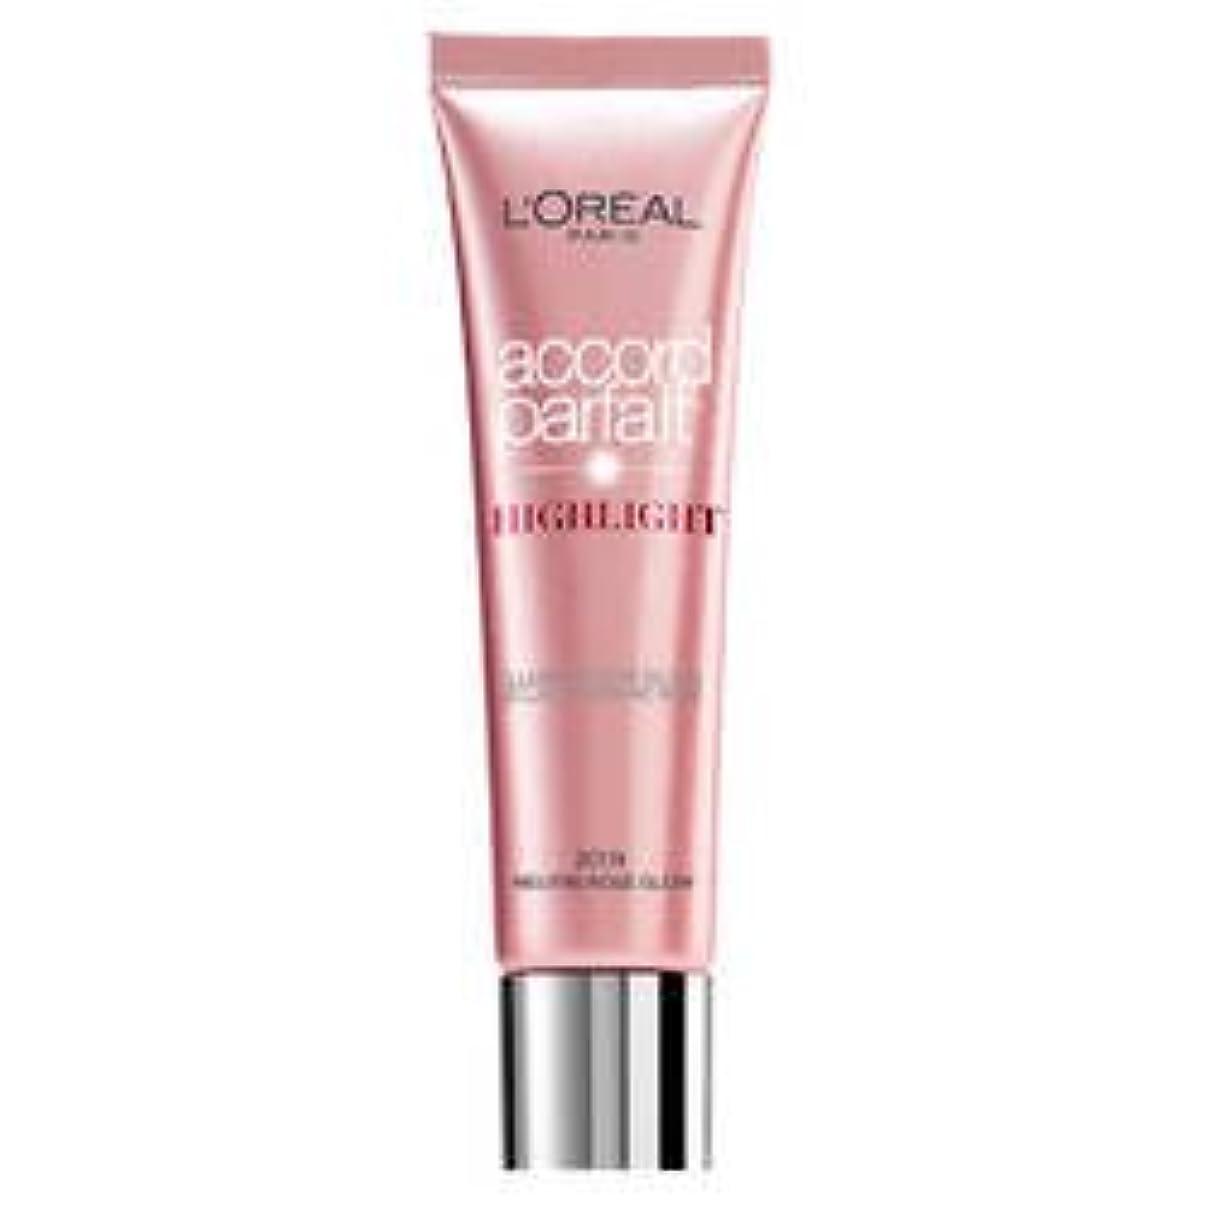 静かにブラケットアダルトL 'Oréal Paris Accord Parfait Highlight Enlumineur Liquide 201 Rose